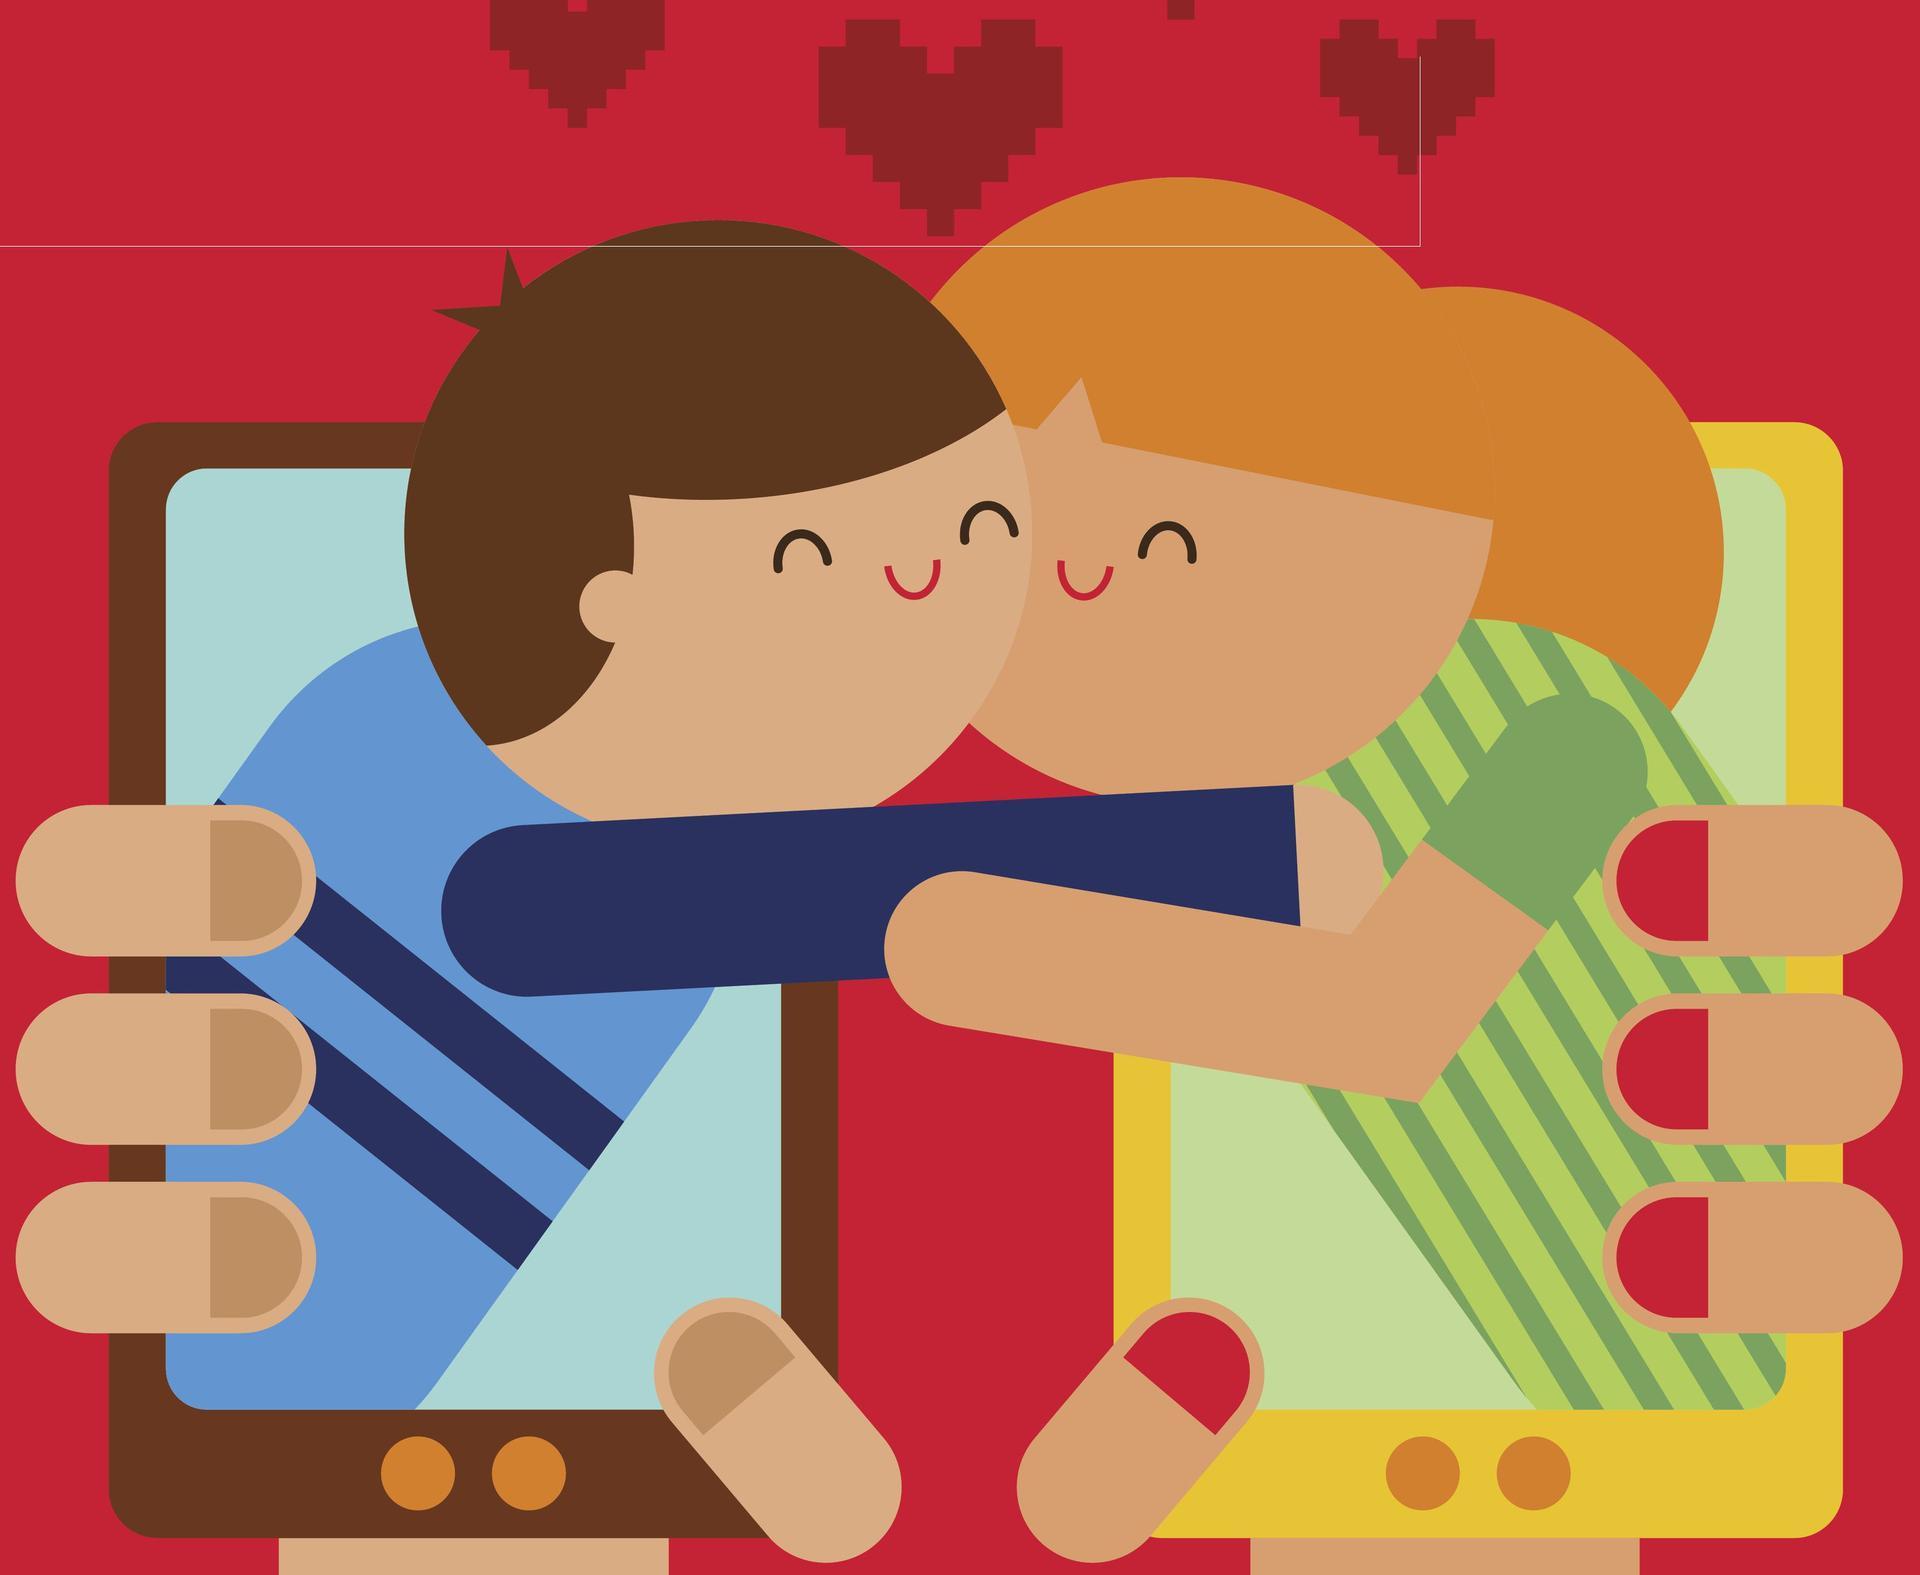 Najpopularniejsze serwisy randkowe według ruchu